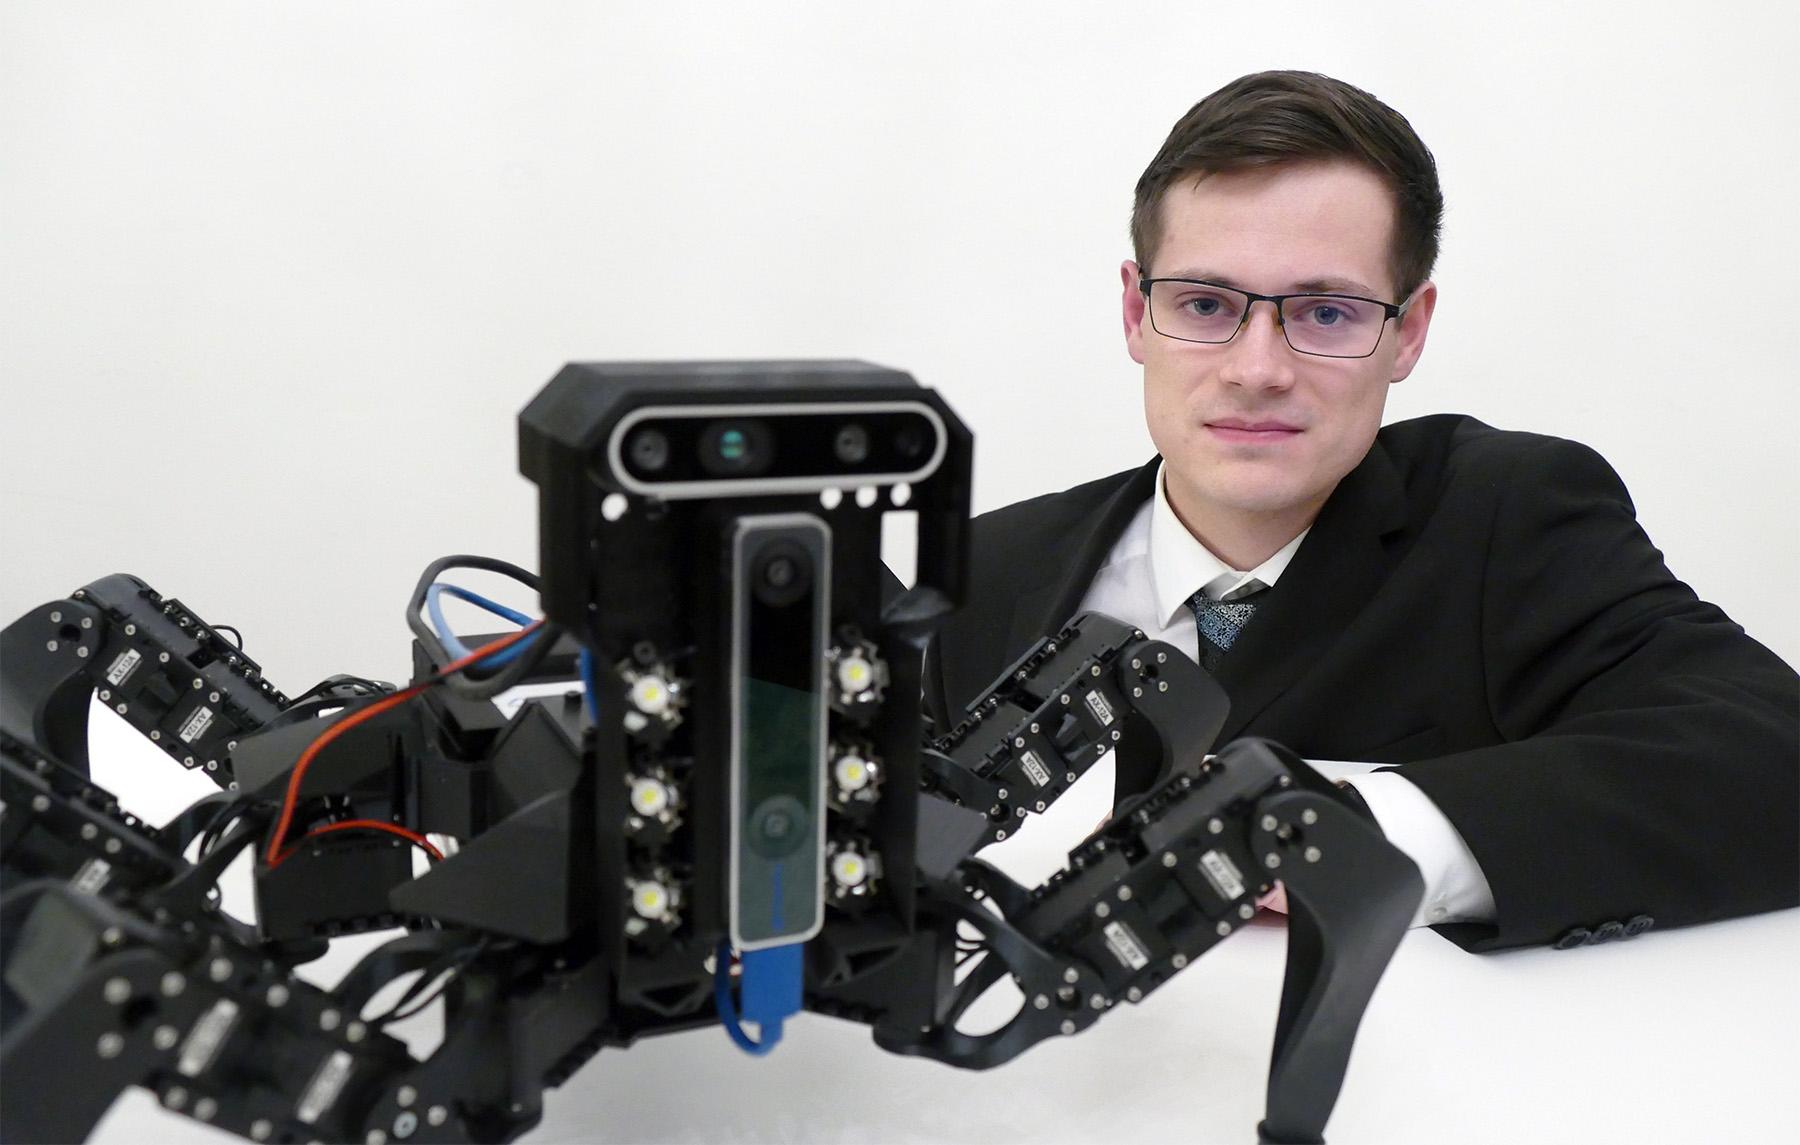 JAN BAYER vitez IT SPY s testovacim robotem SM